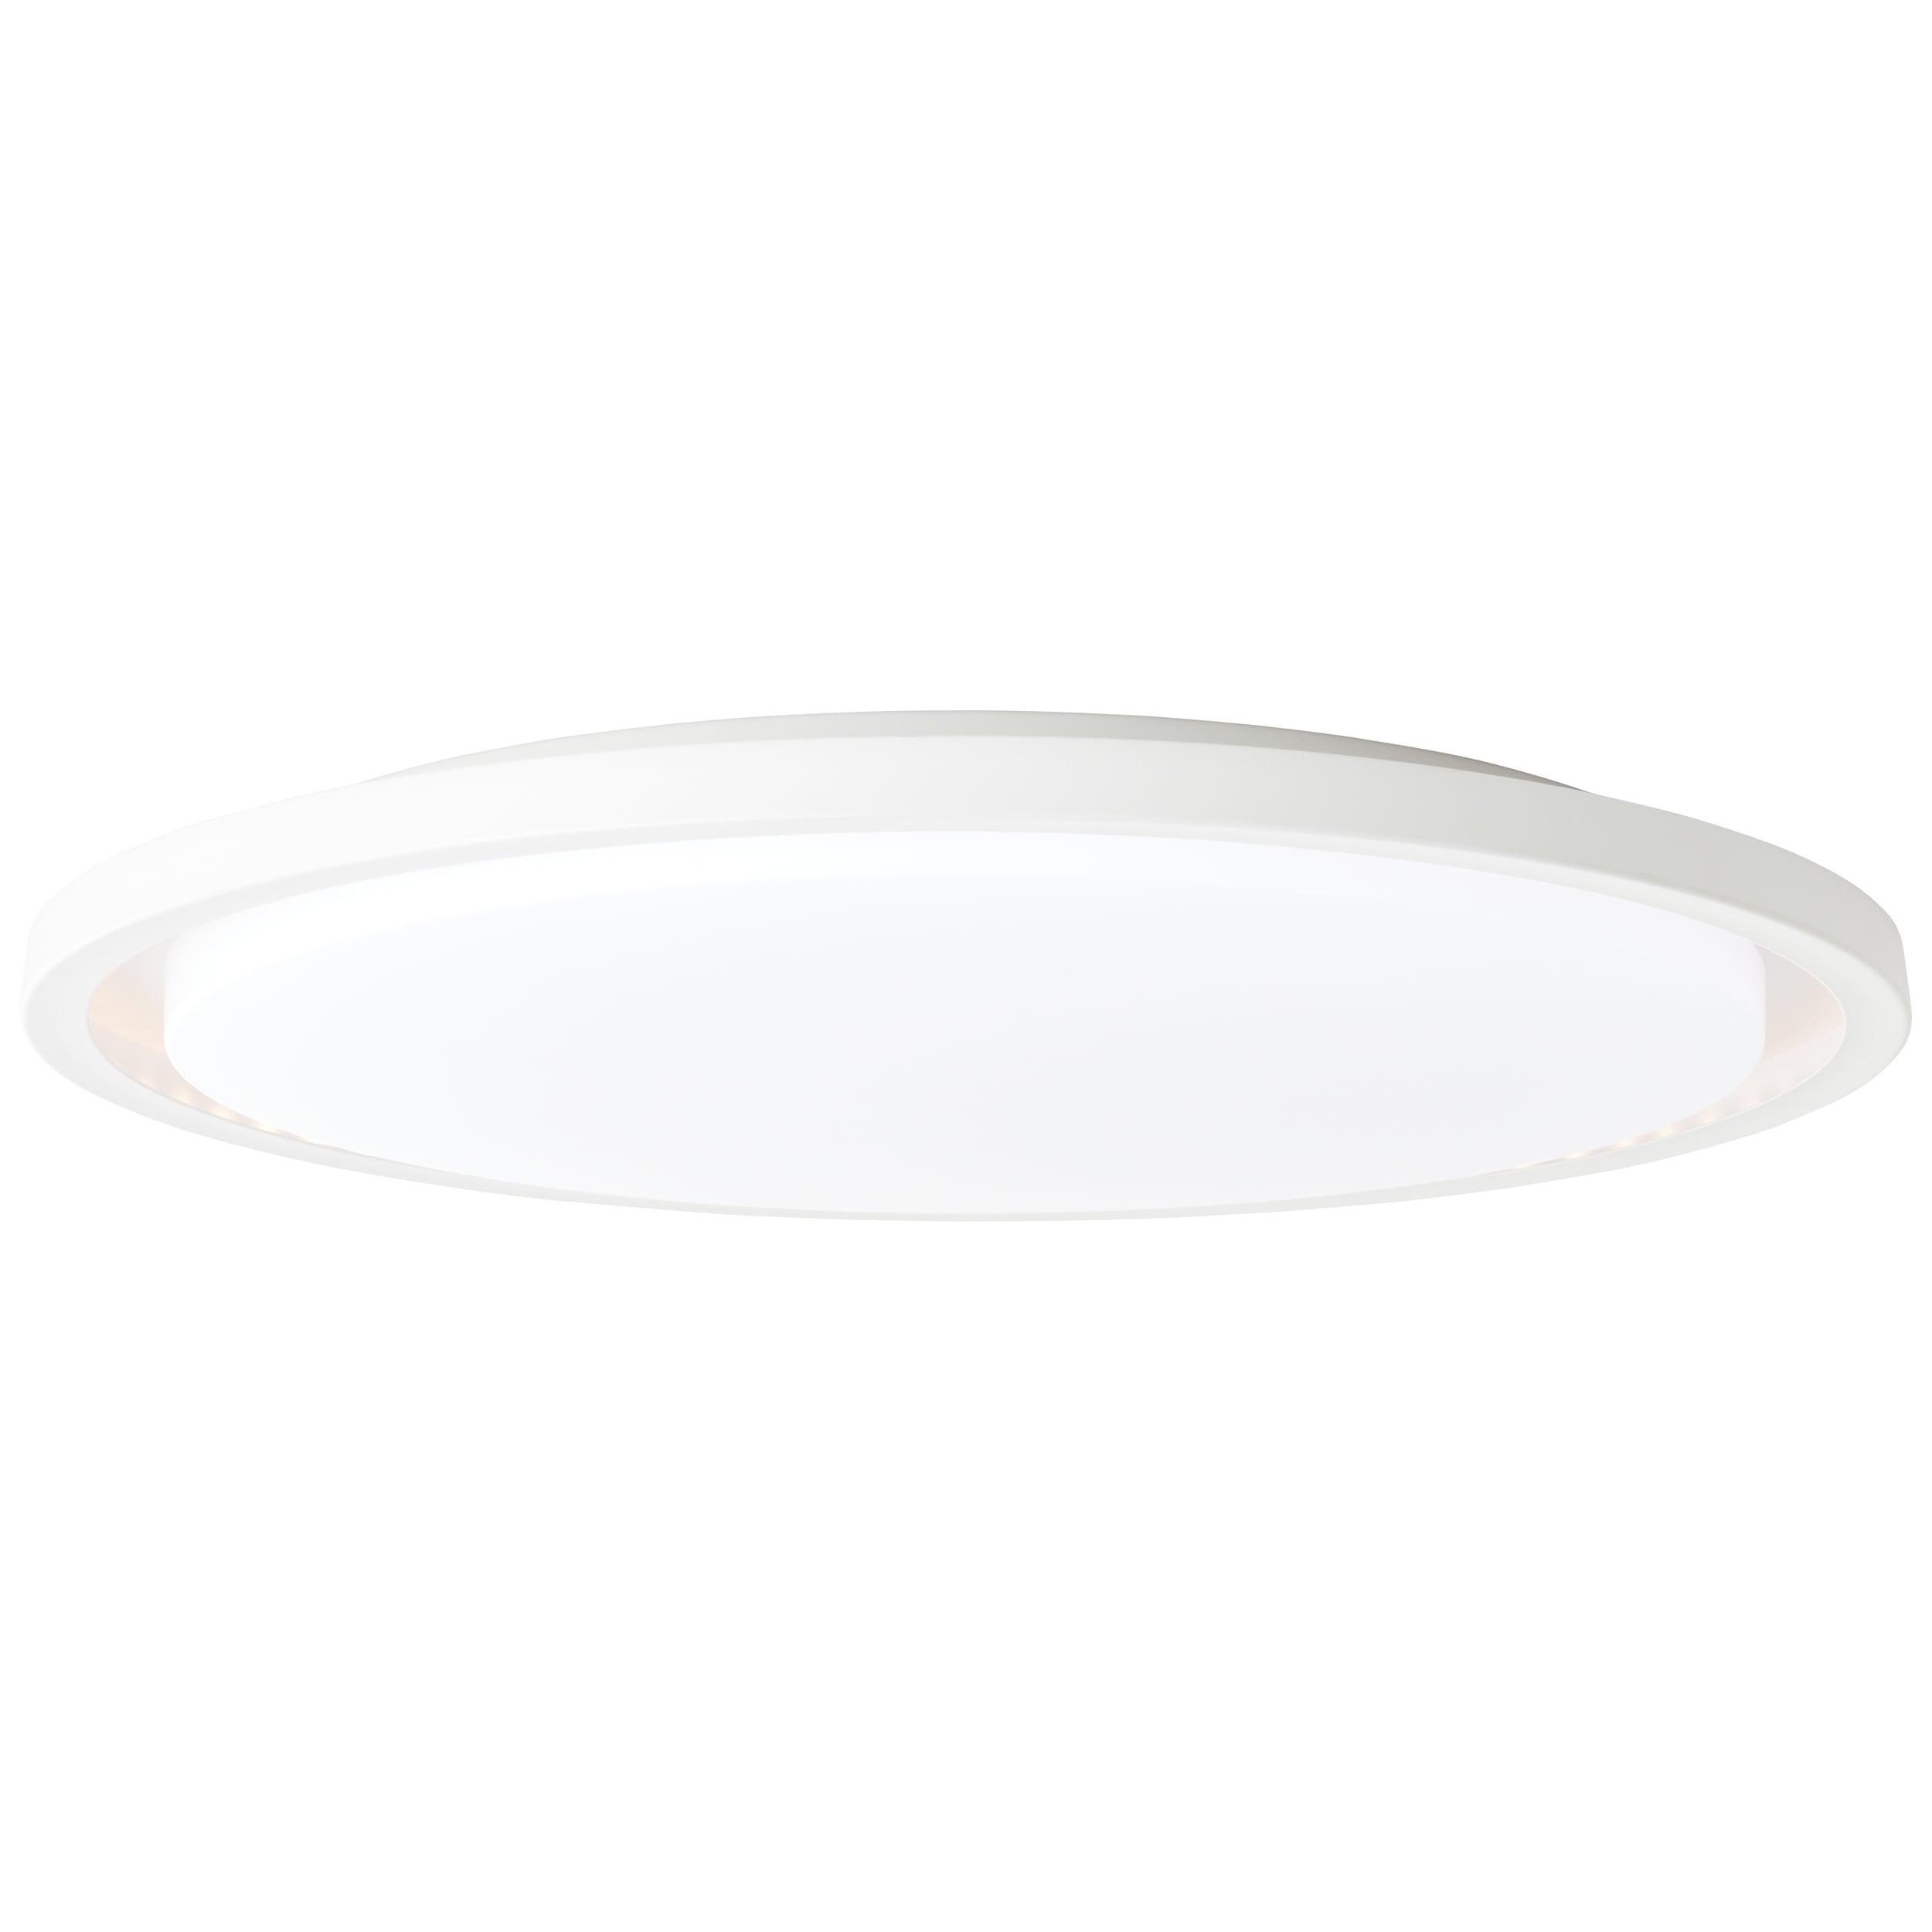 Brilliant Leuchten Briant LED Wand- und Deckenleuchte 58cm sand/weiß